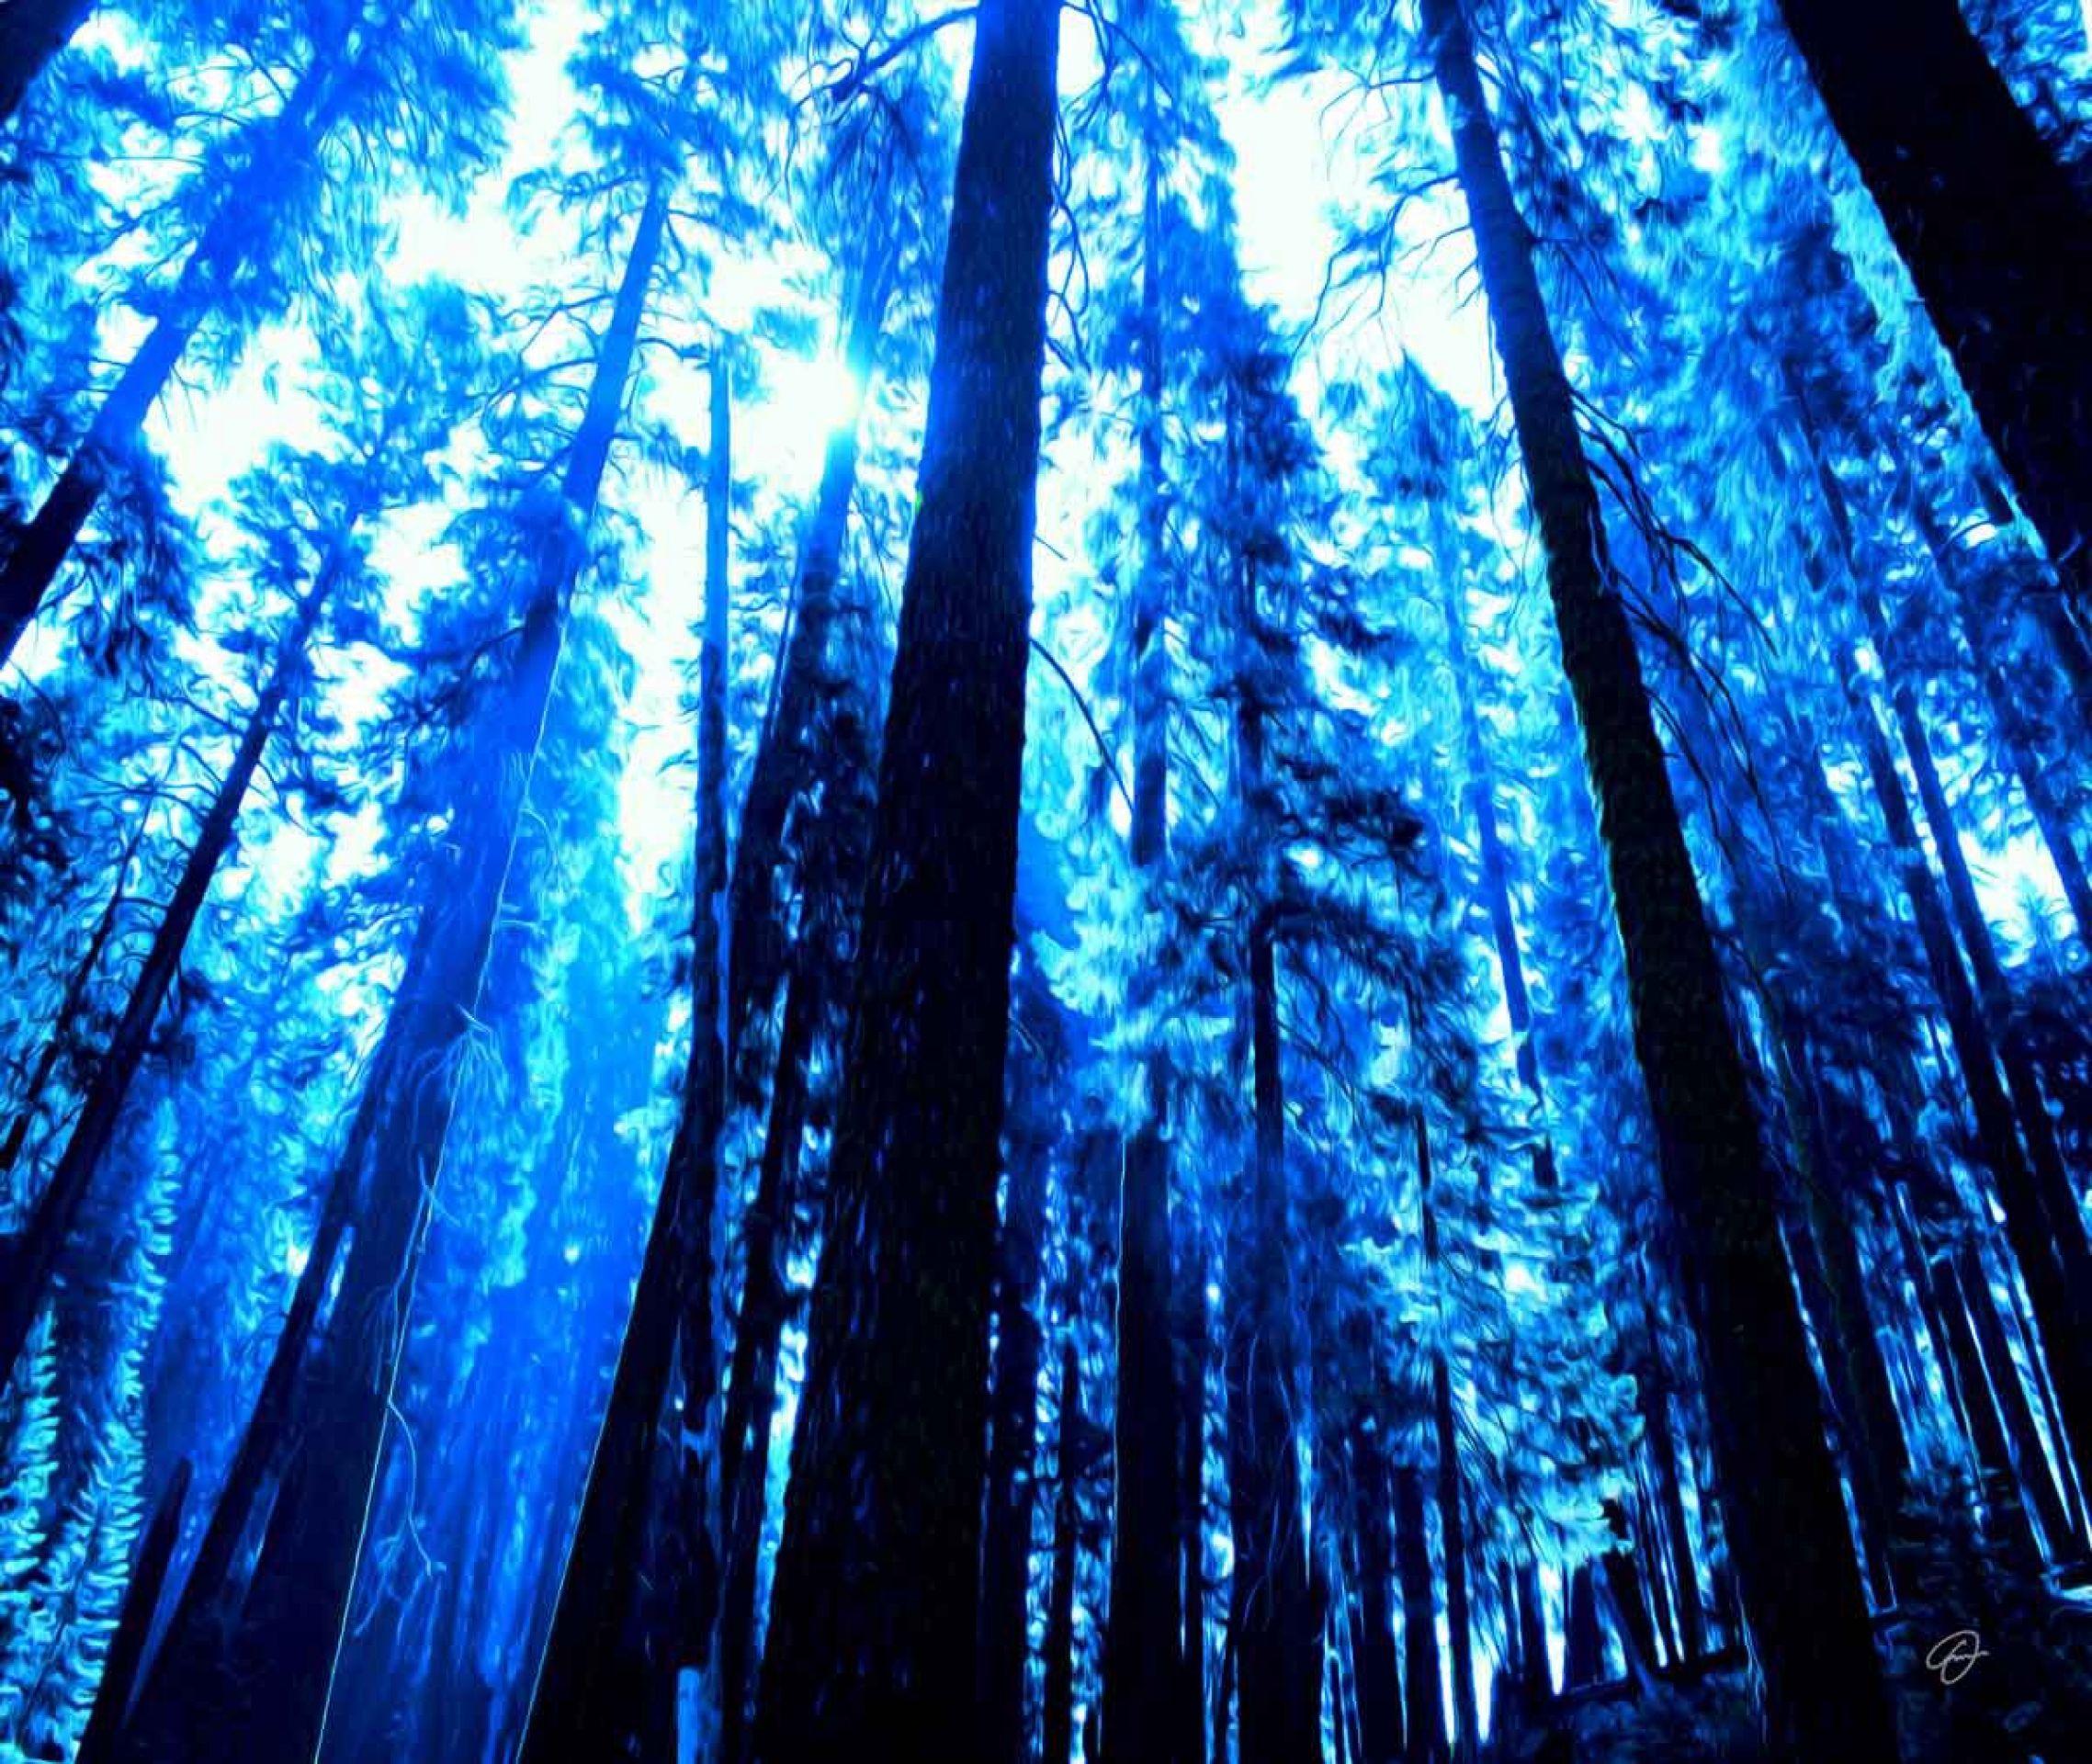 Fabio Dal Boni (Enchanted Forest, inch60x40)